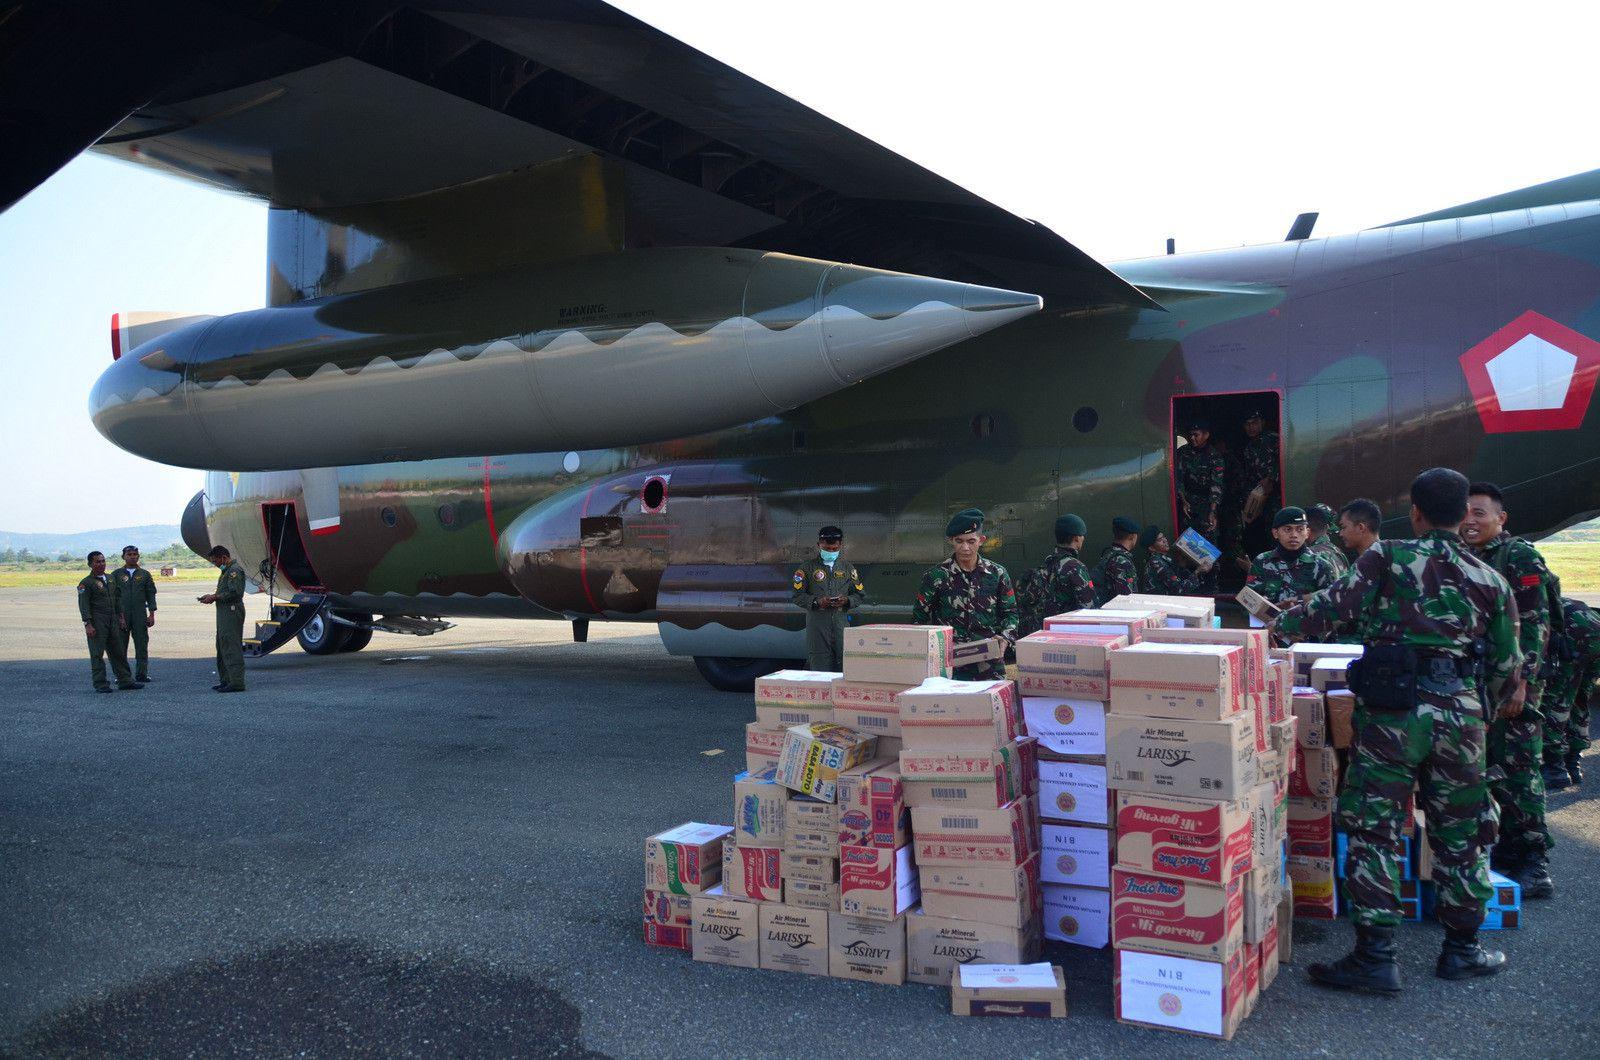 Thảm họa kép Indonesia: Ghi nhận của PV từ đầu cầu cứu trợ hàng không Palu Ảnh 6